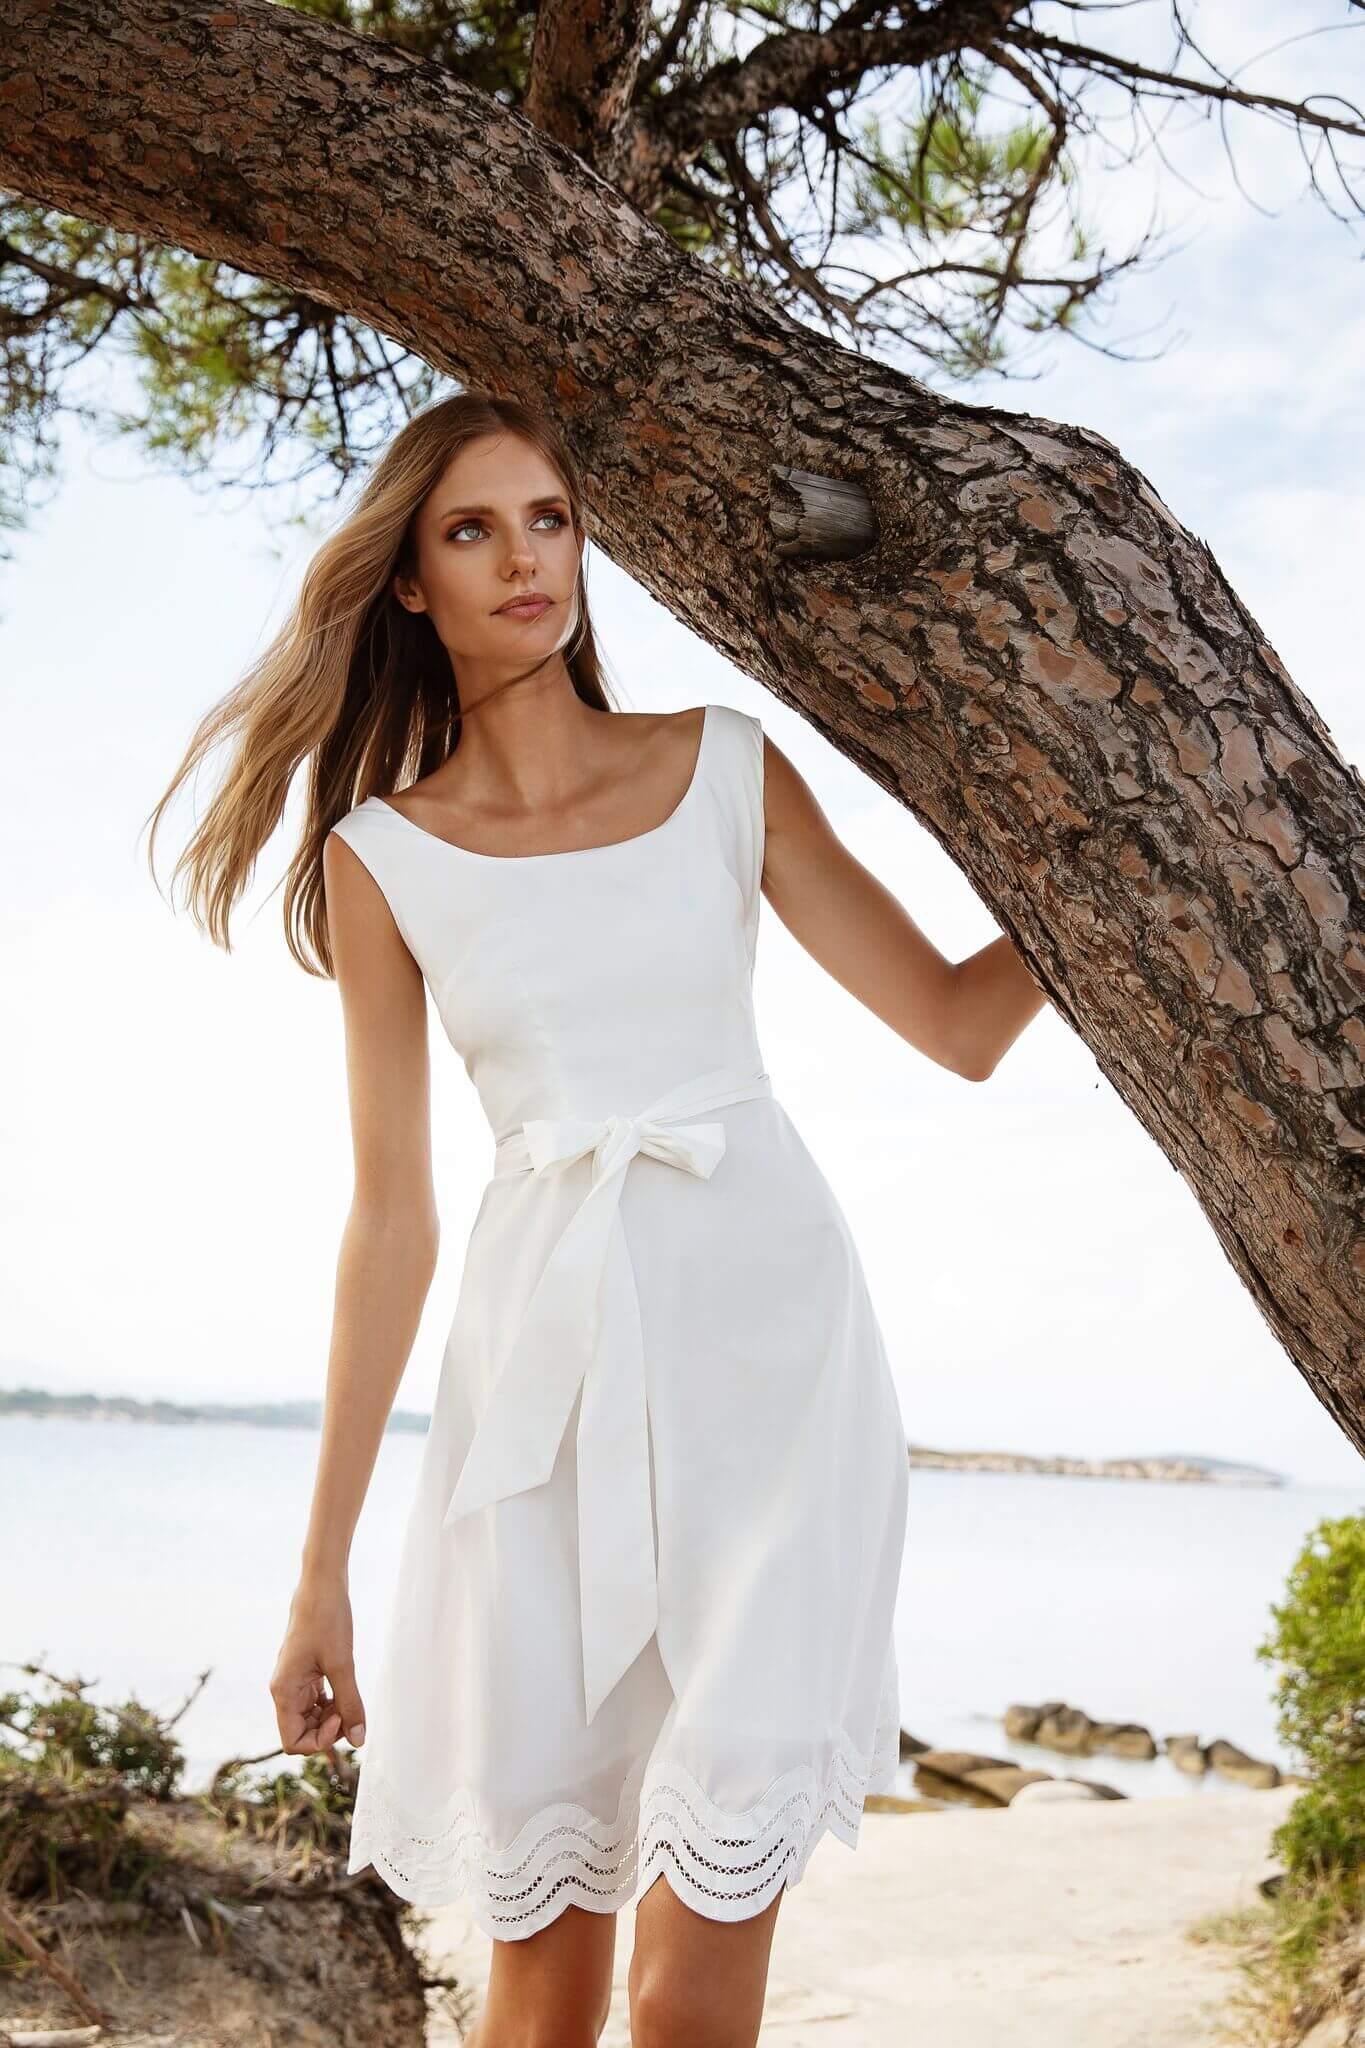 Φόρεμα Κλος Γυναικεία Ρούχα Ωραιόκαστρο Θεσσαλονίκη